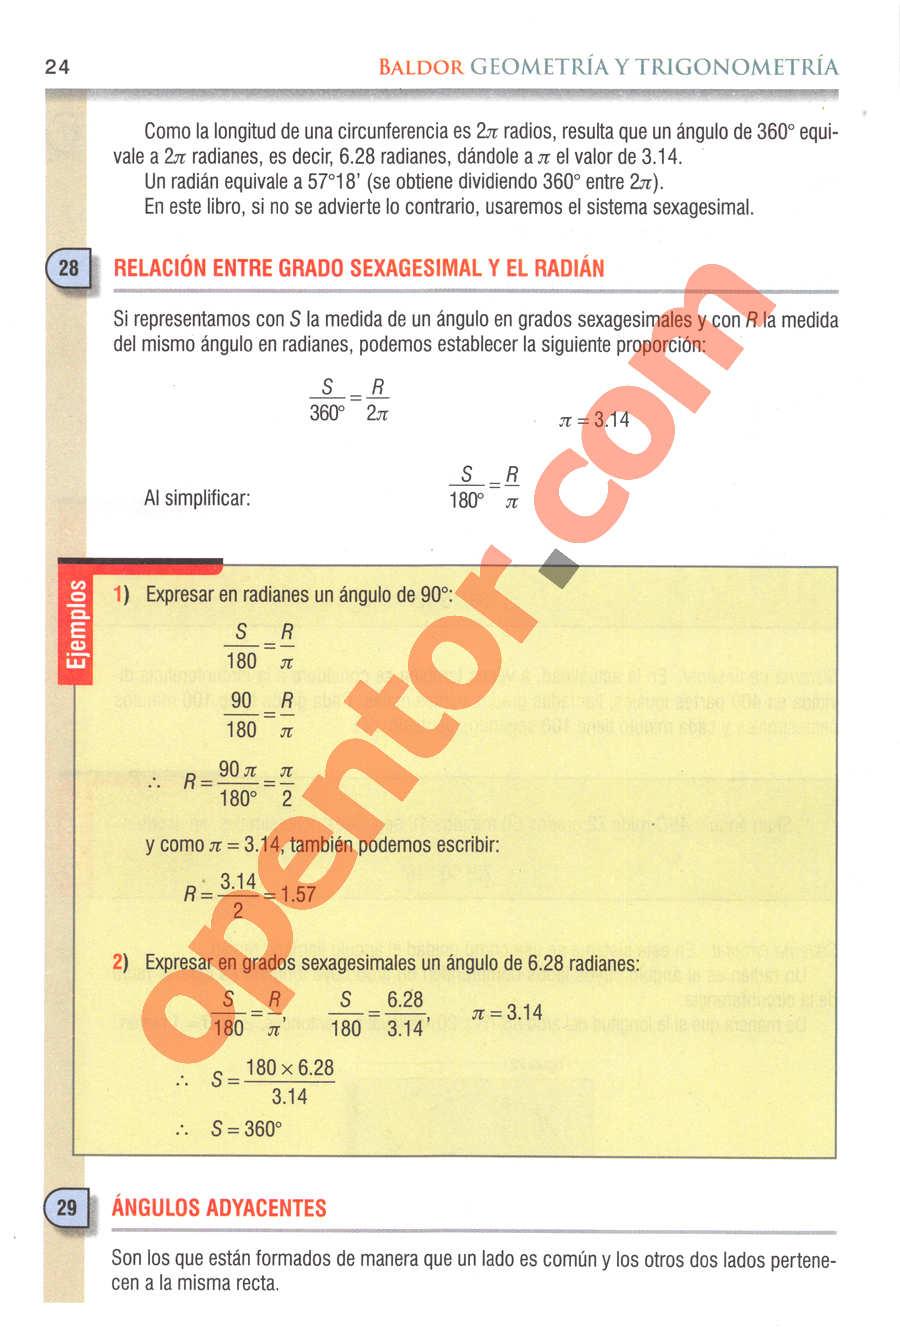 Geometría y Trigonometría de Baldor - Página 24